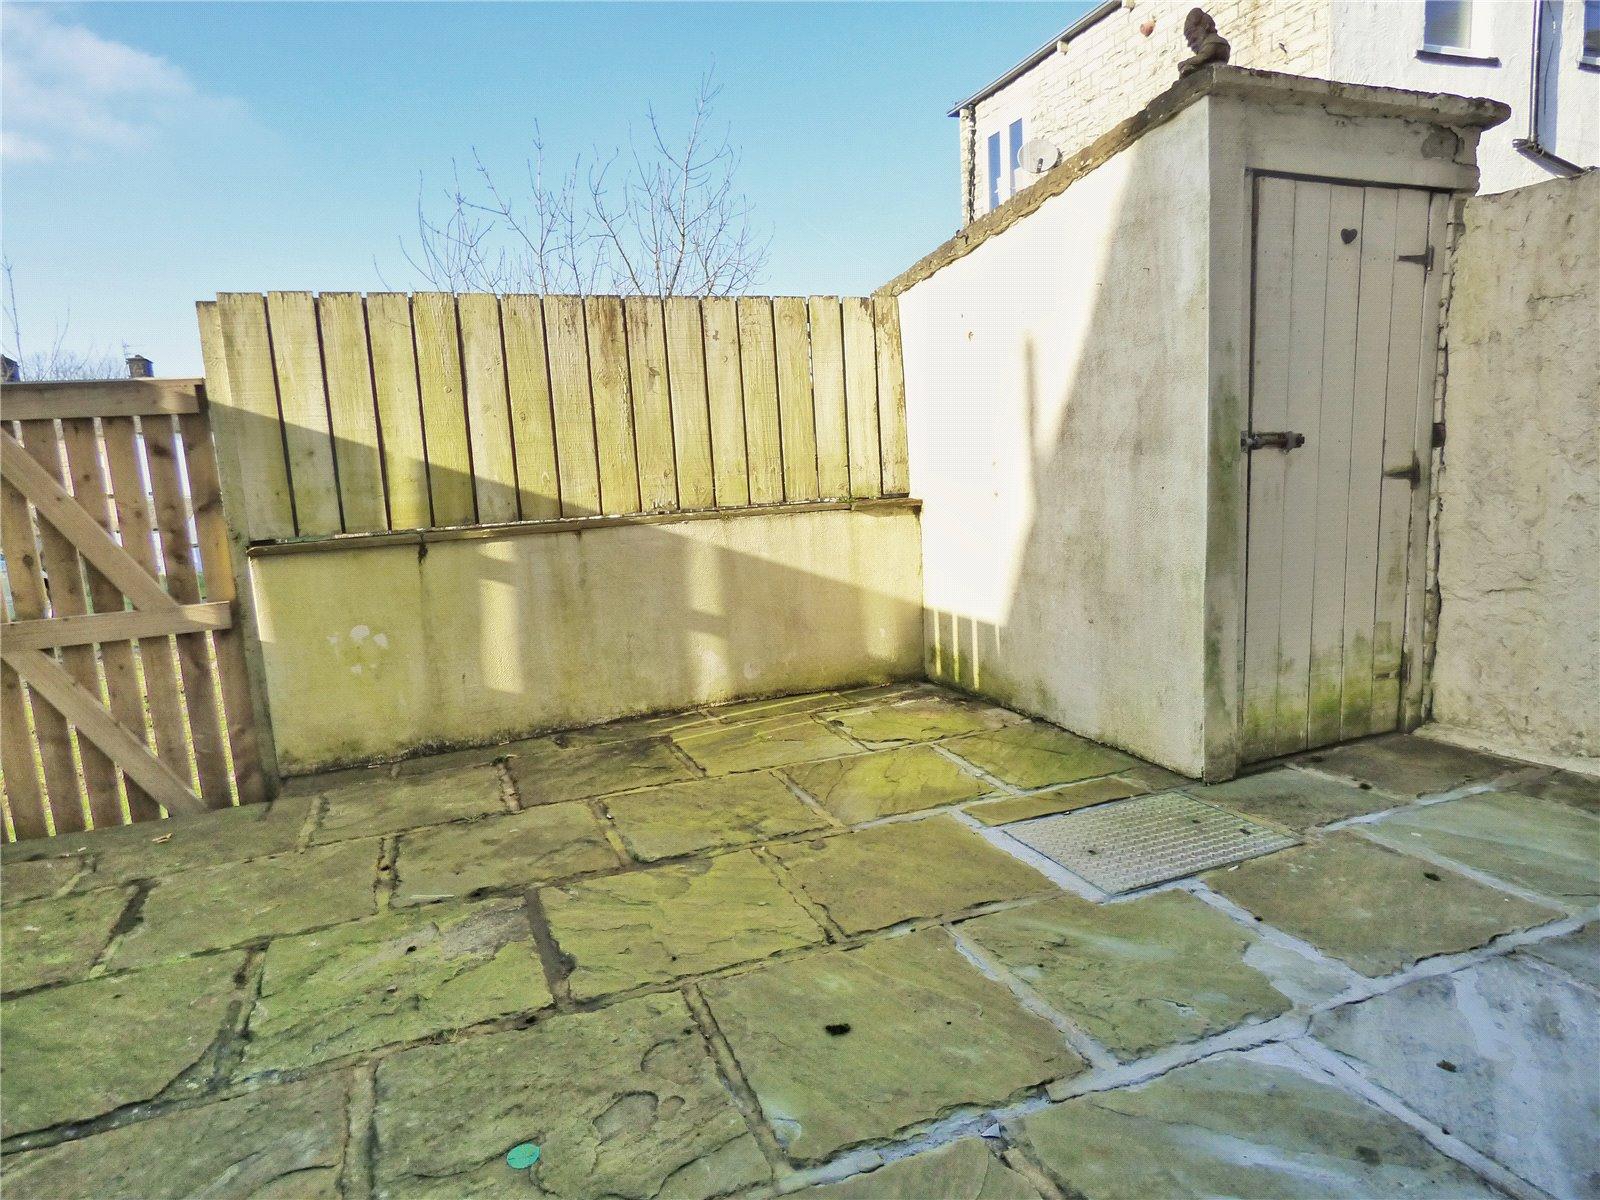 Stone Paved Yard: